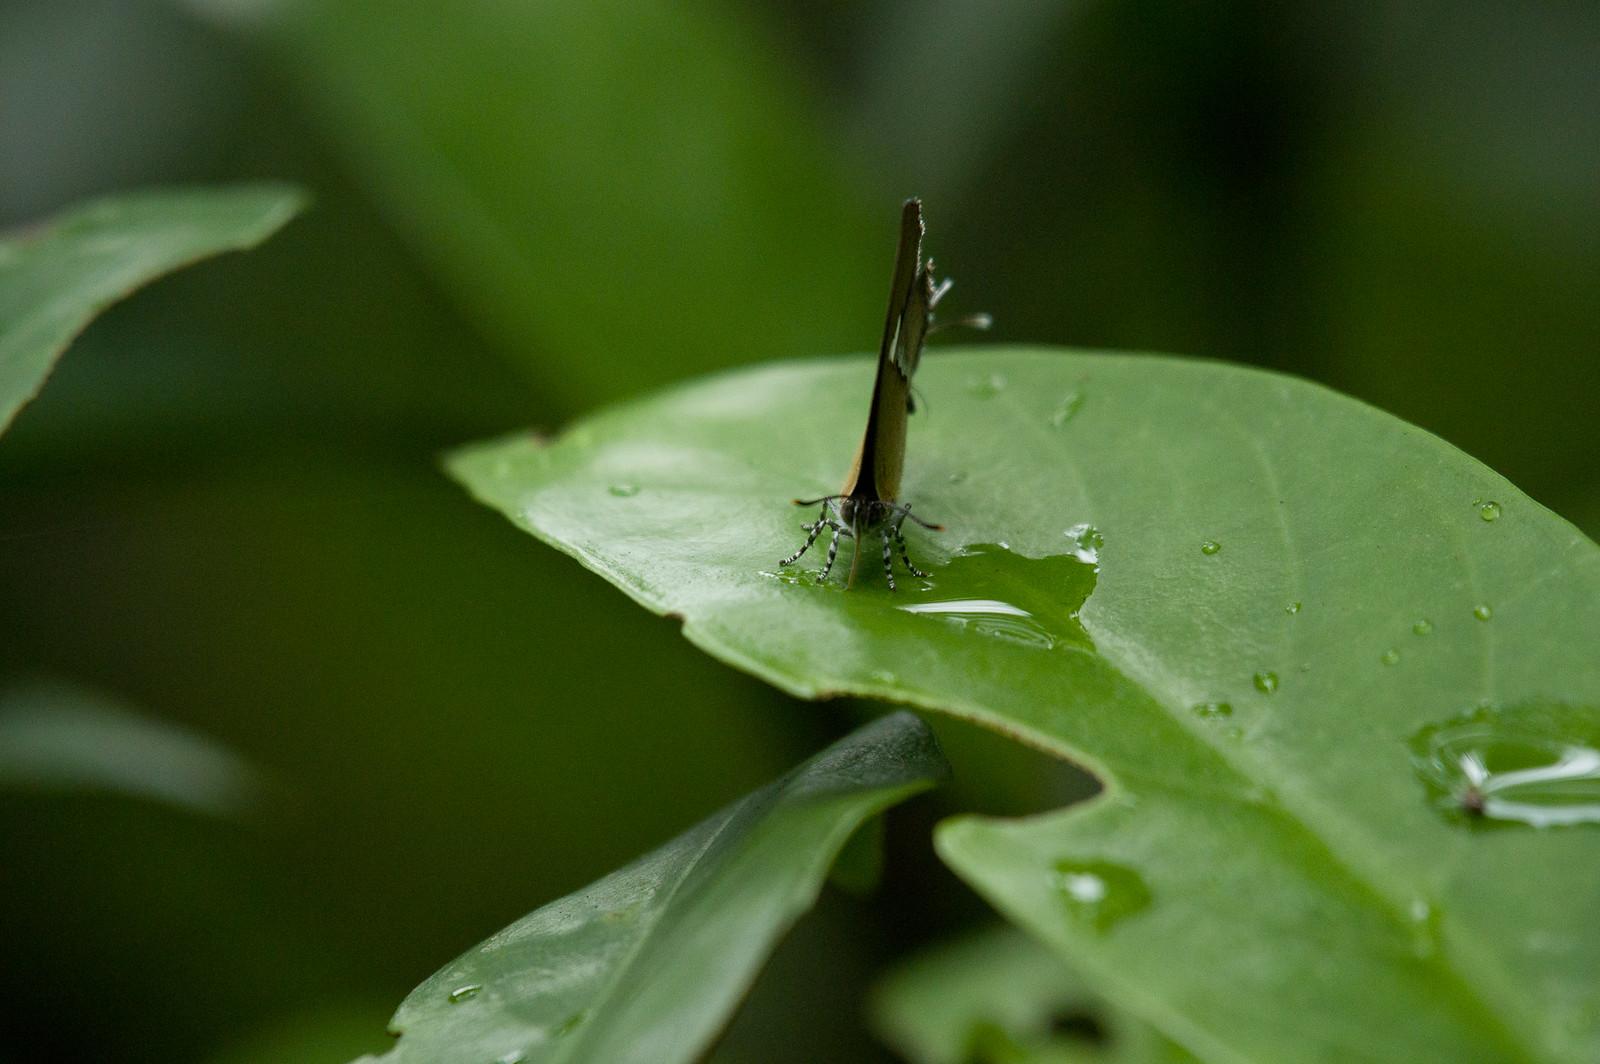 姬三尾小灰蝶